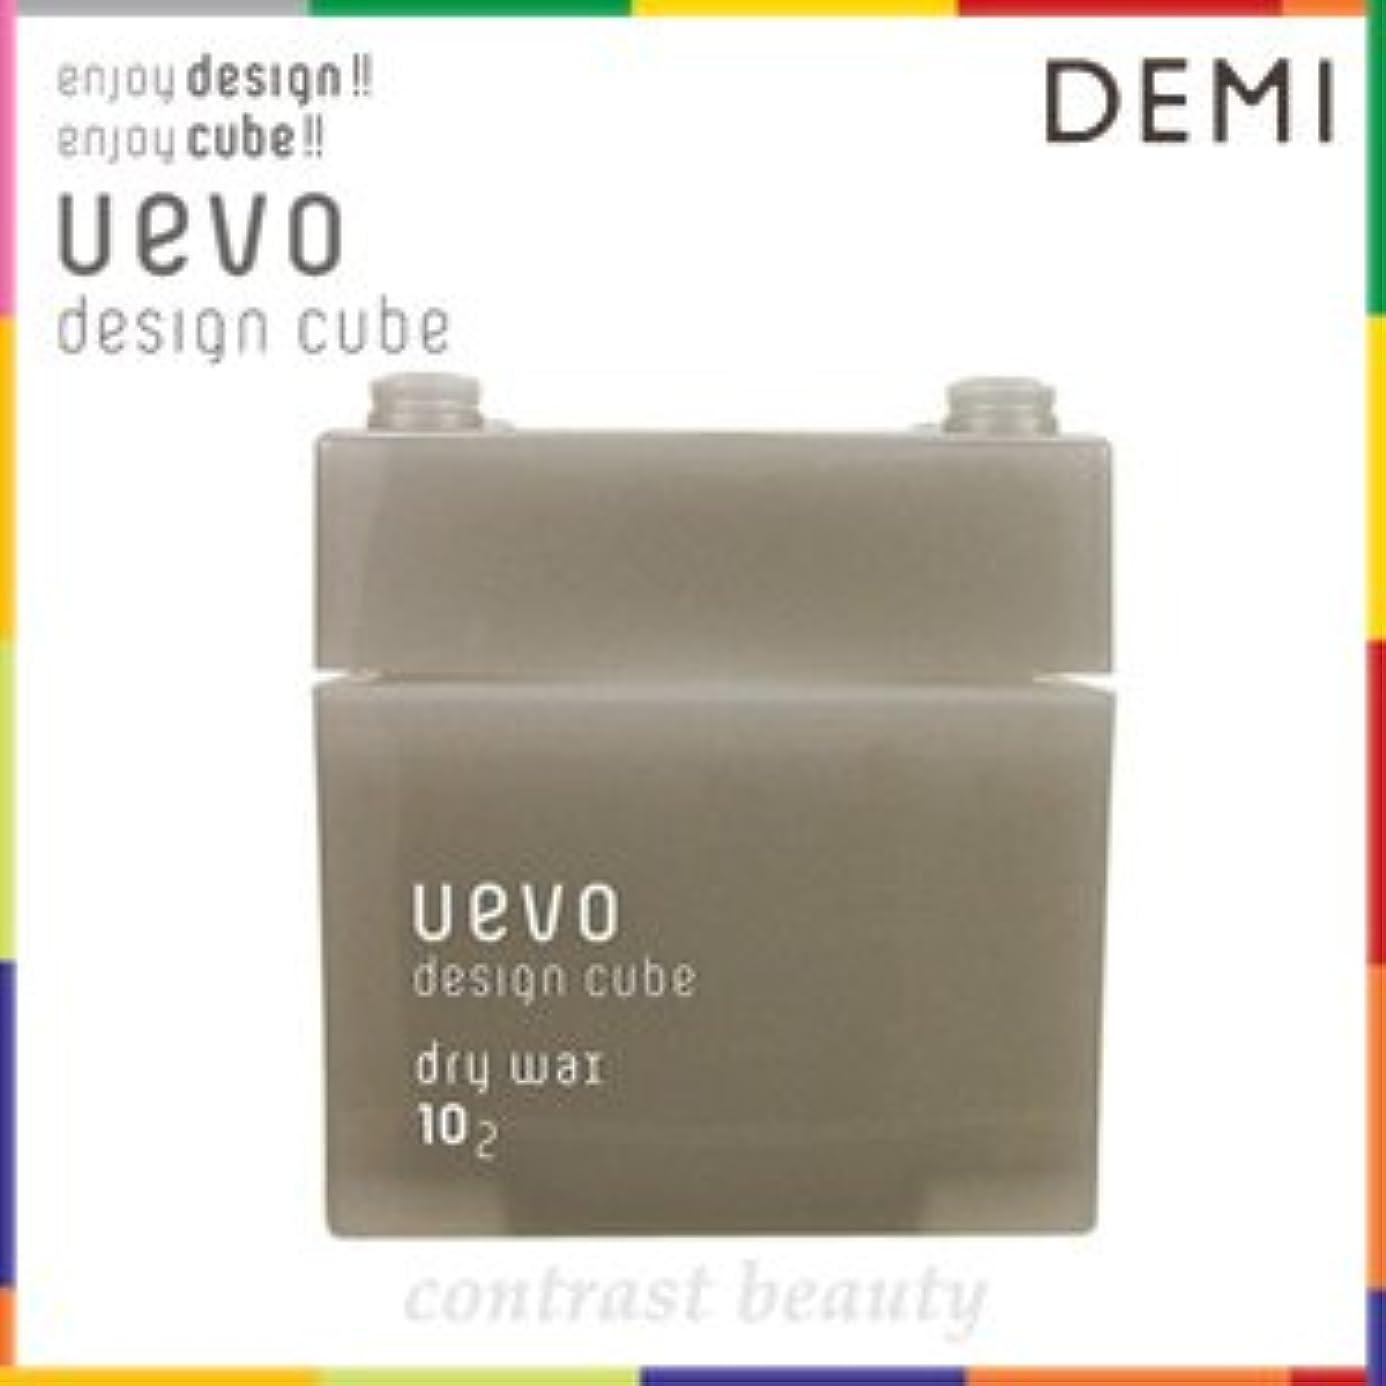 全体に湖救急車【X4個セット】 デミ ウェーボ デザインキューブ ドライワックス 80g dry wax DEMI uevo design cube